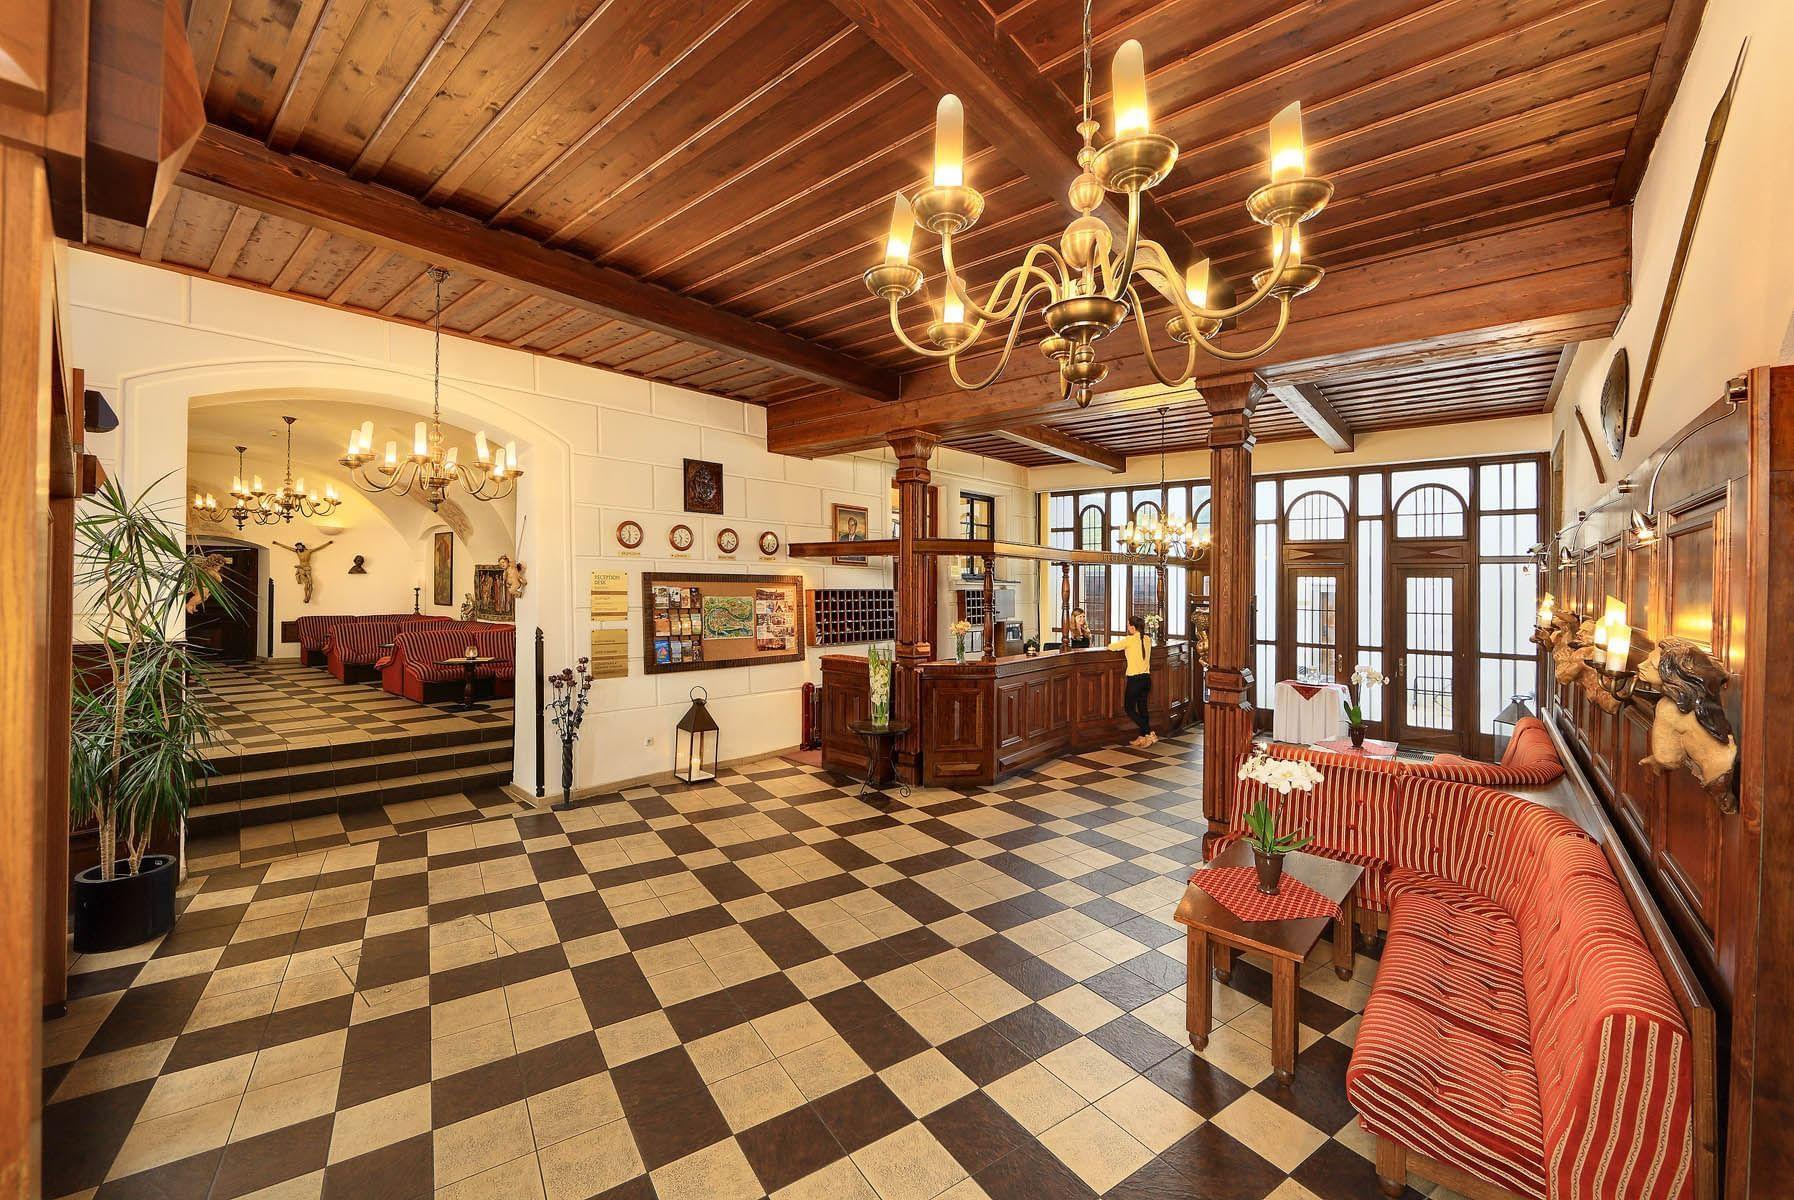 Reception at Hotel Ruze, Český Krumlov, Czech Republic